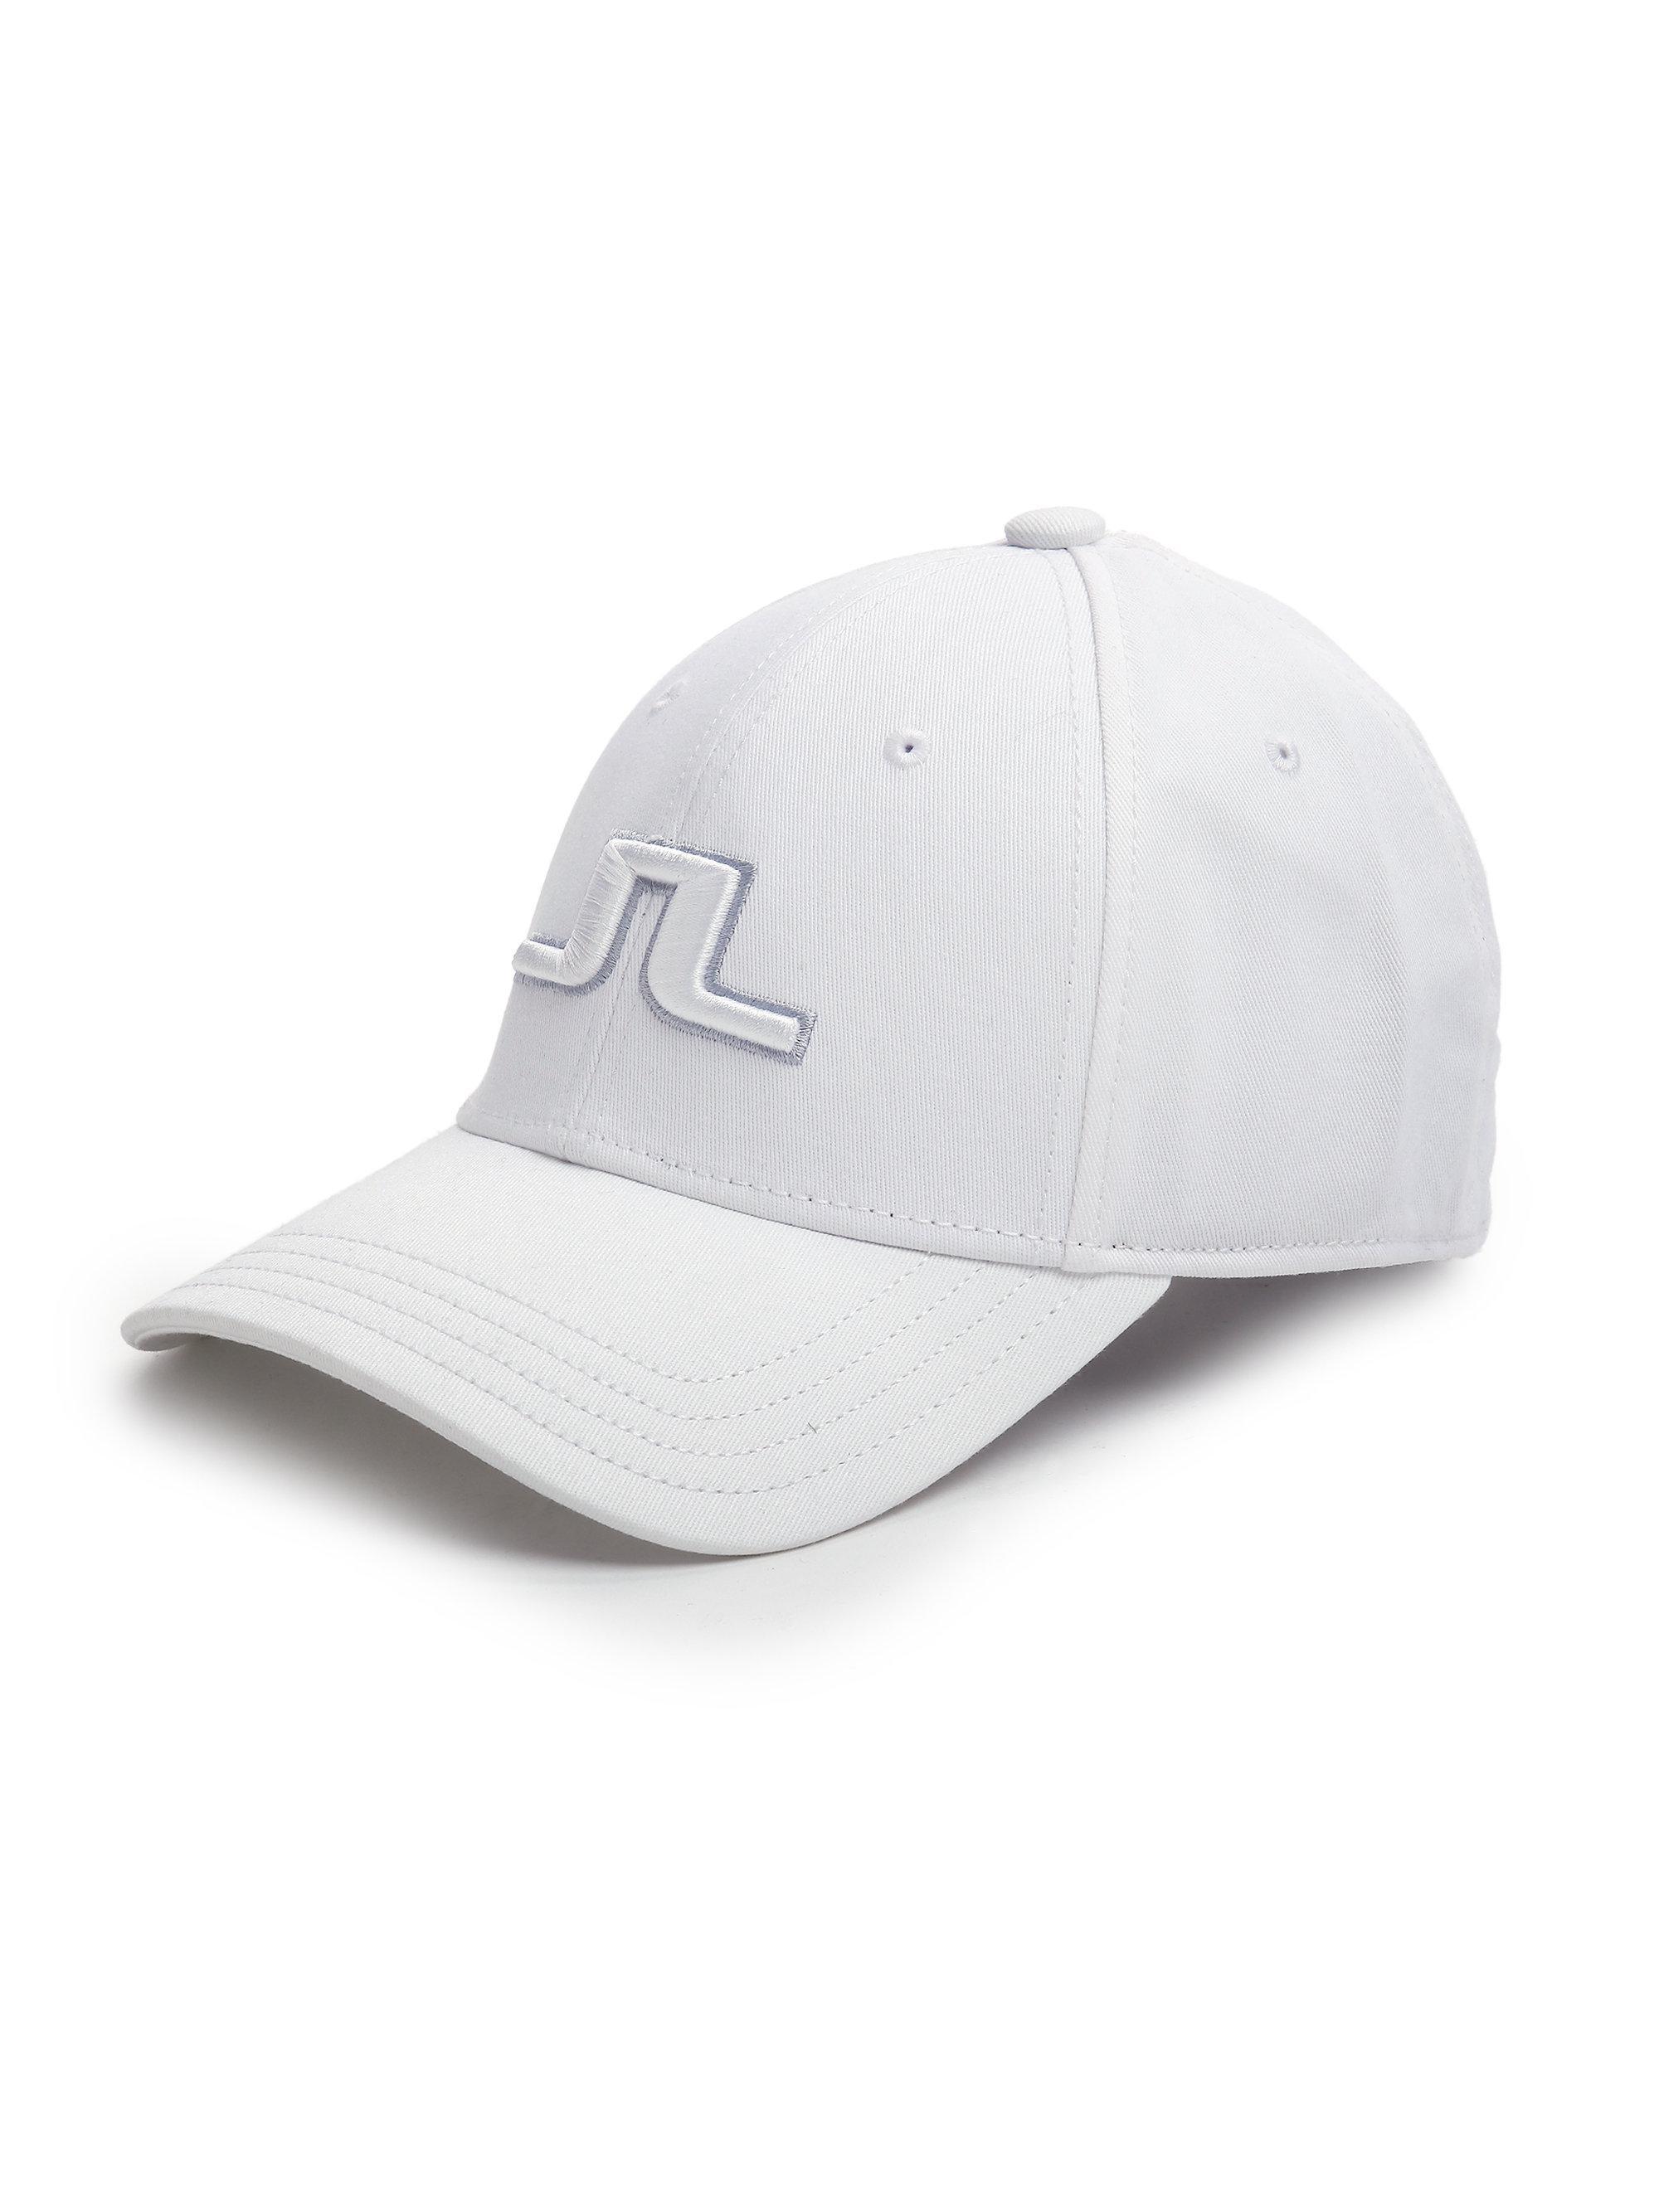 b48d4967ed4 Lyst - J.Lindeberg Banji Baseball Cap in White for Men